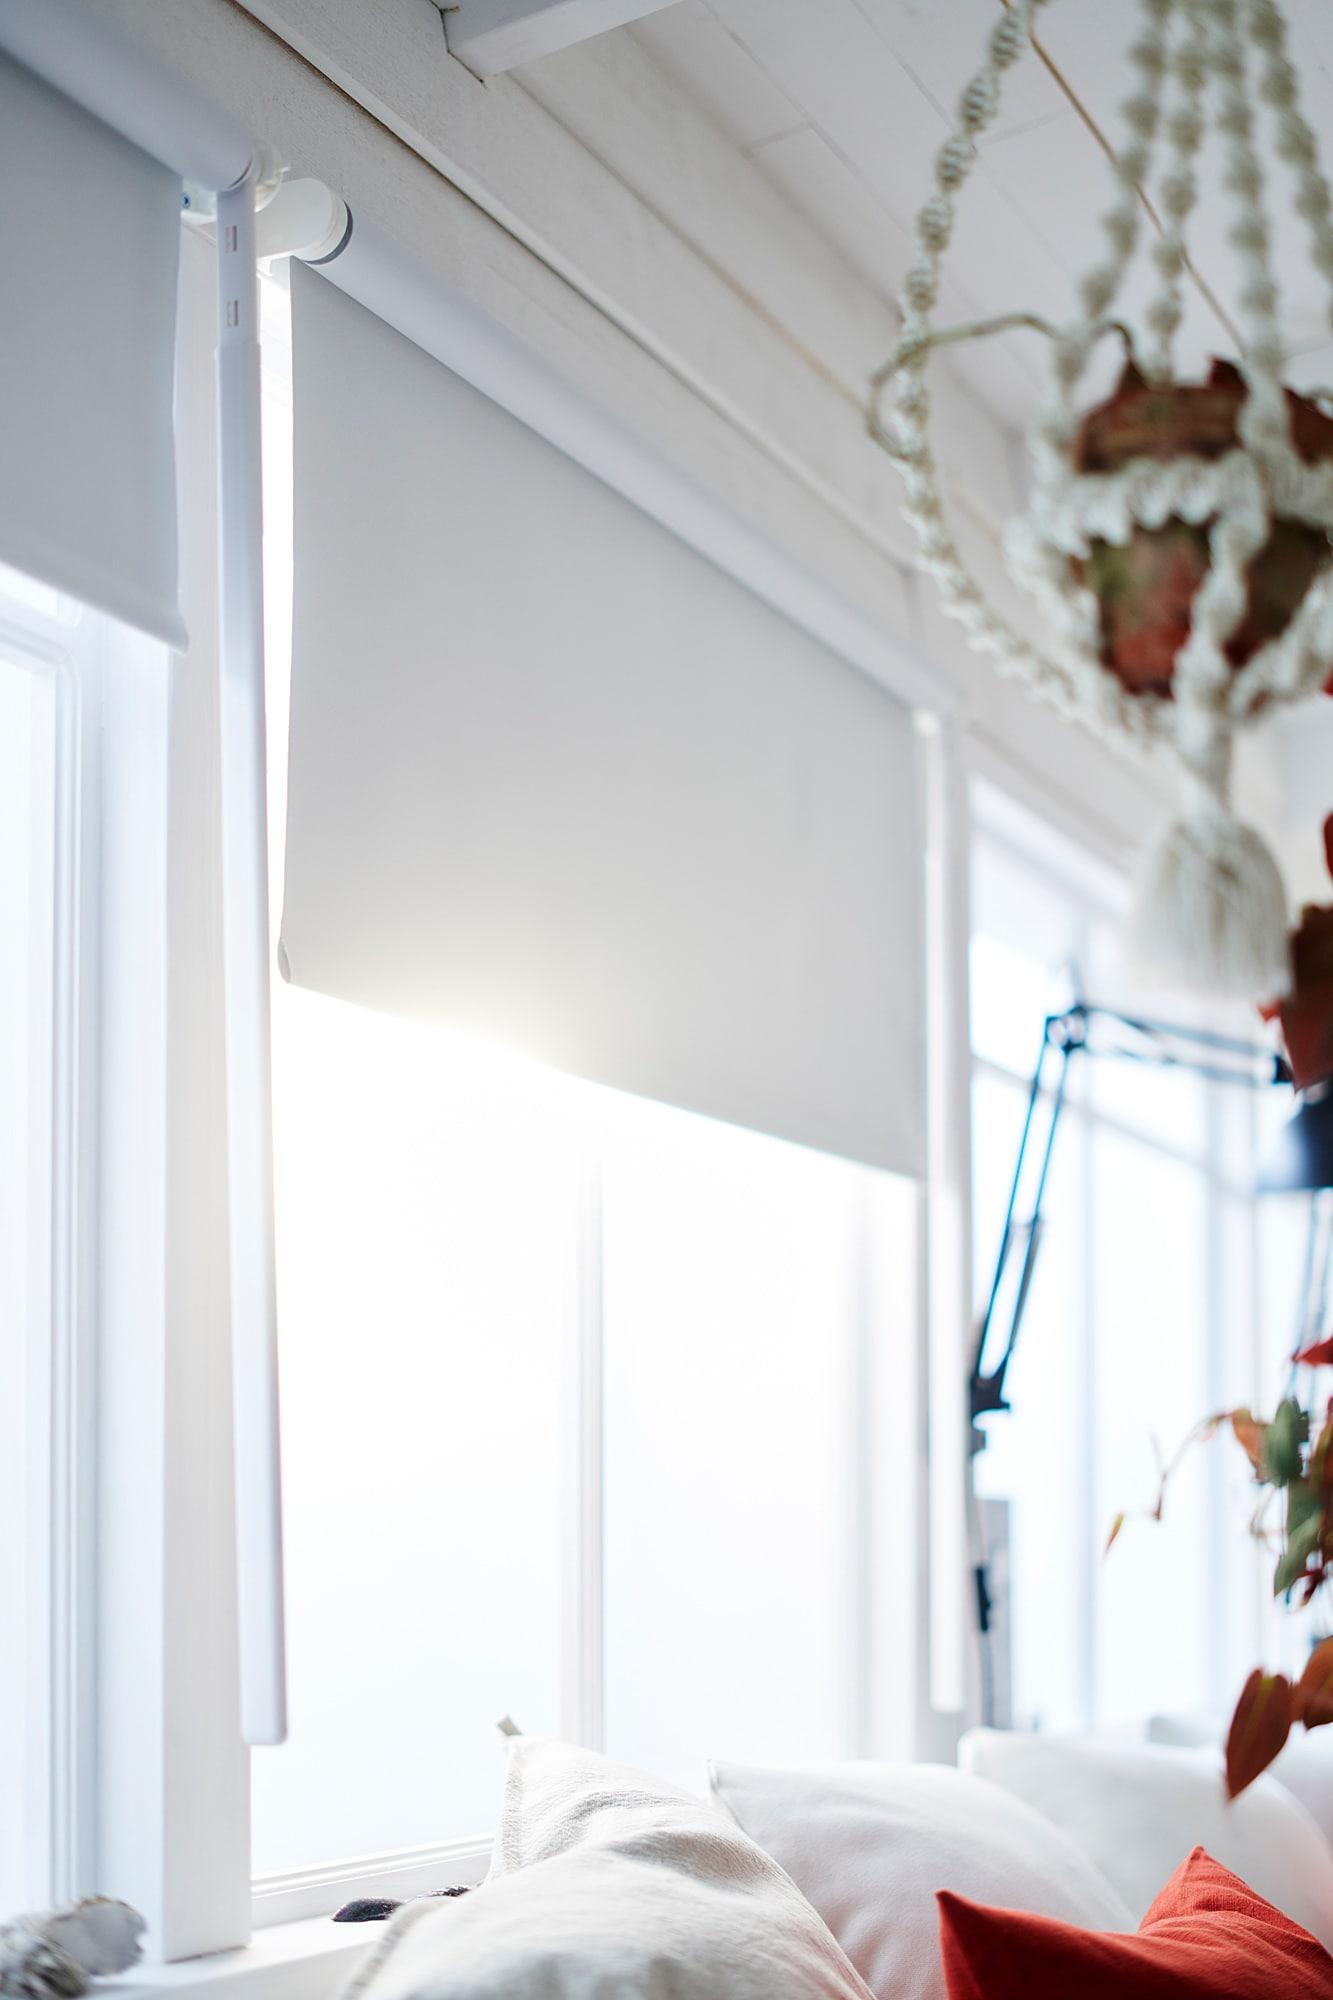 FRIDANS Sötétítő roló, fehér, 100x195 cm